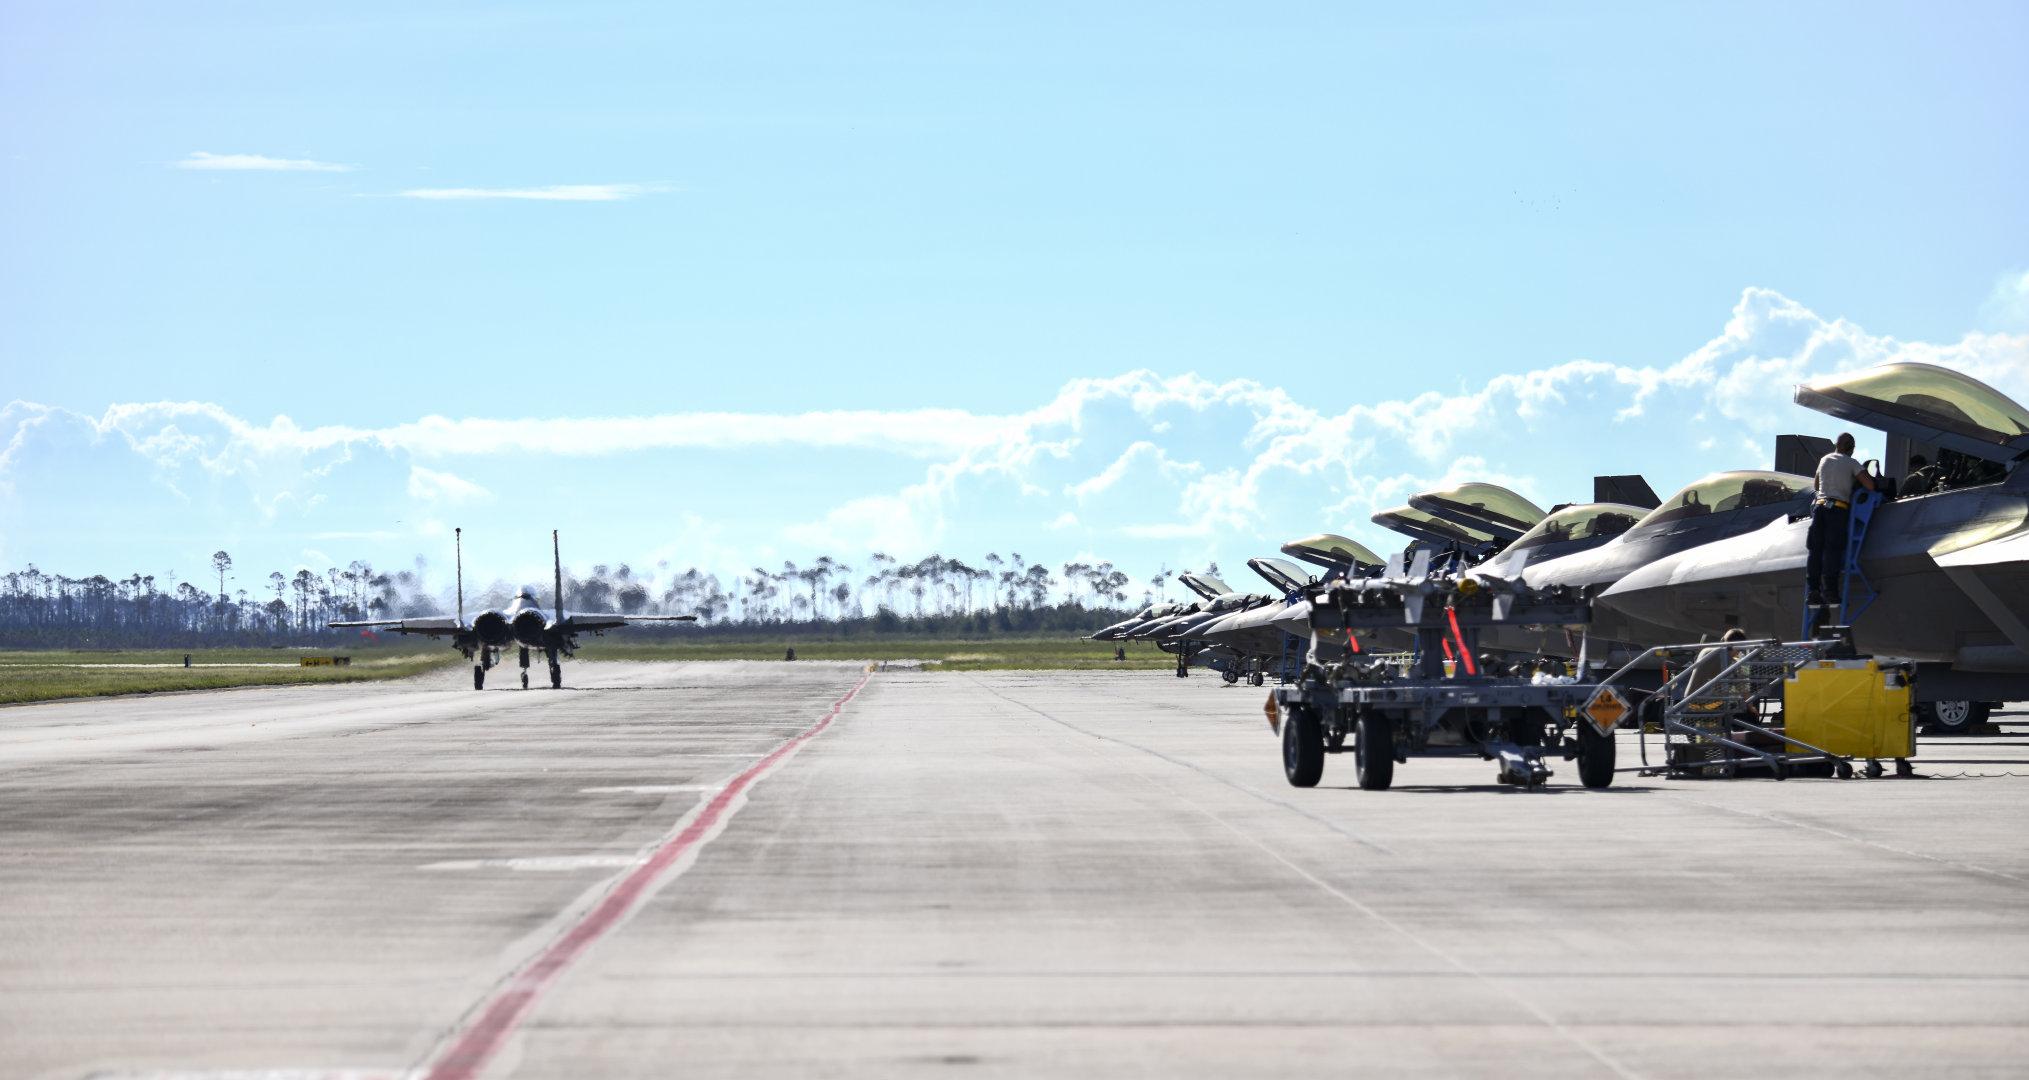 弗吉尼亚兰里-尤斯蒂斯联合基地的美国空军F-22猛禽作战测试飞机于202